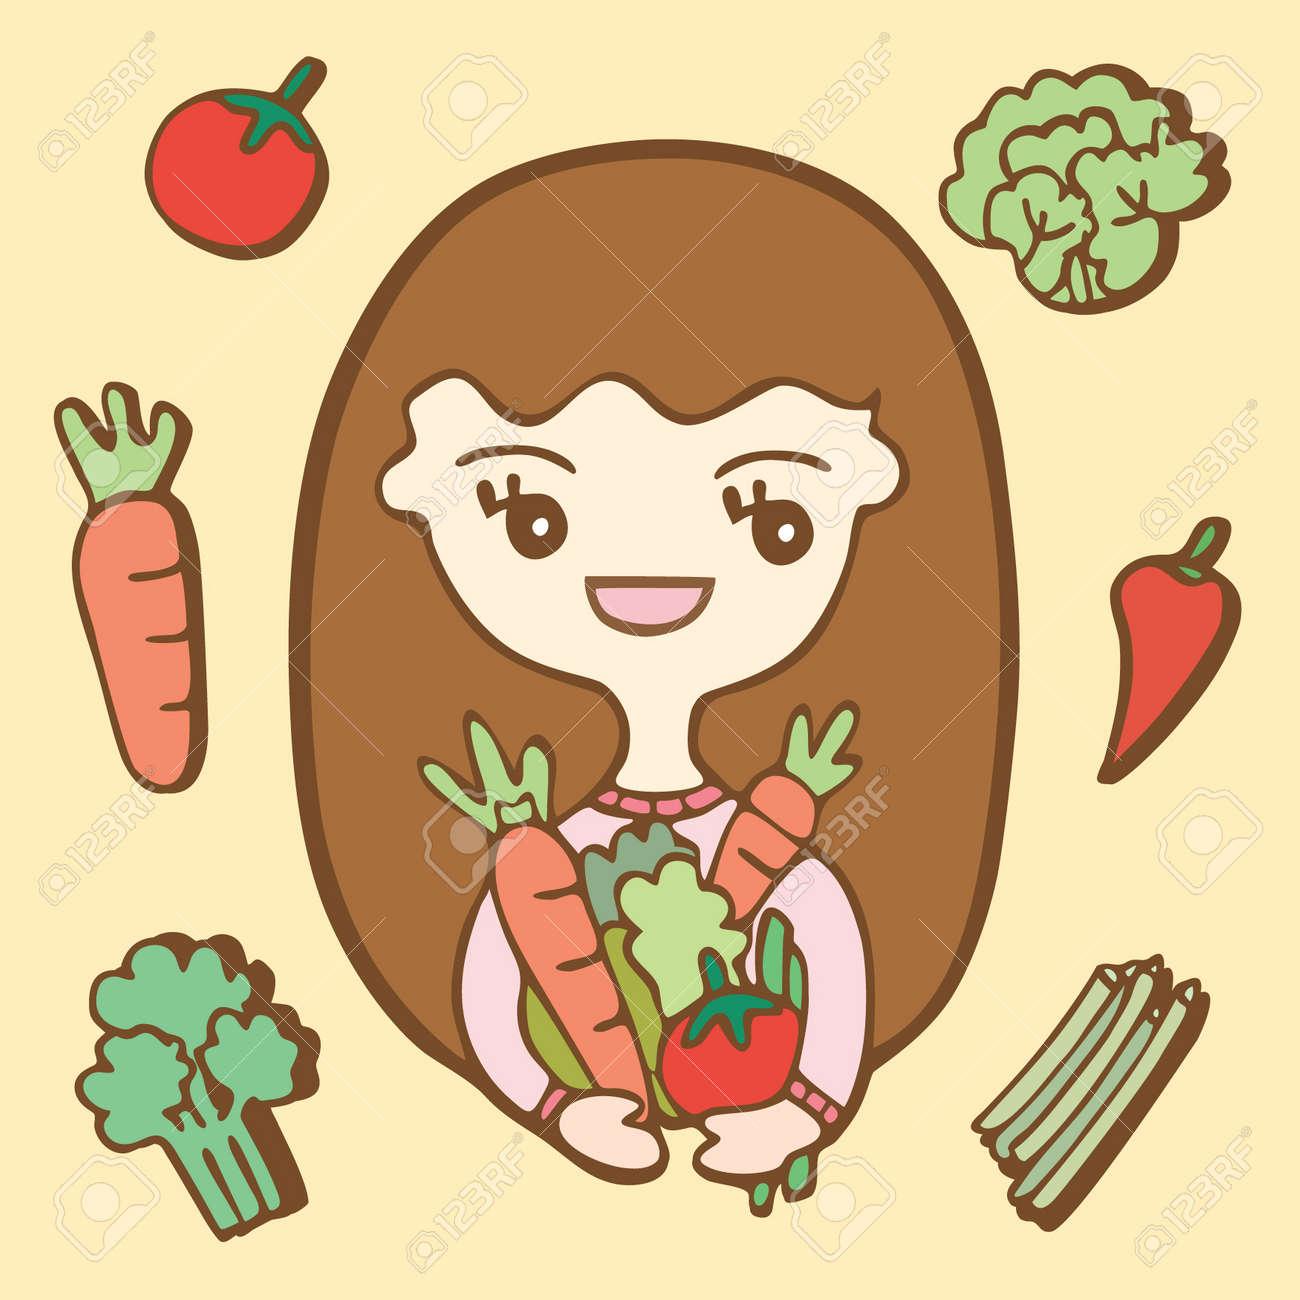 漫画かわいい女の子と野菜、ベクトル イラスト ロイヤリティフリー